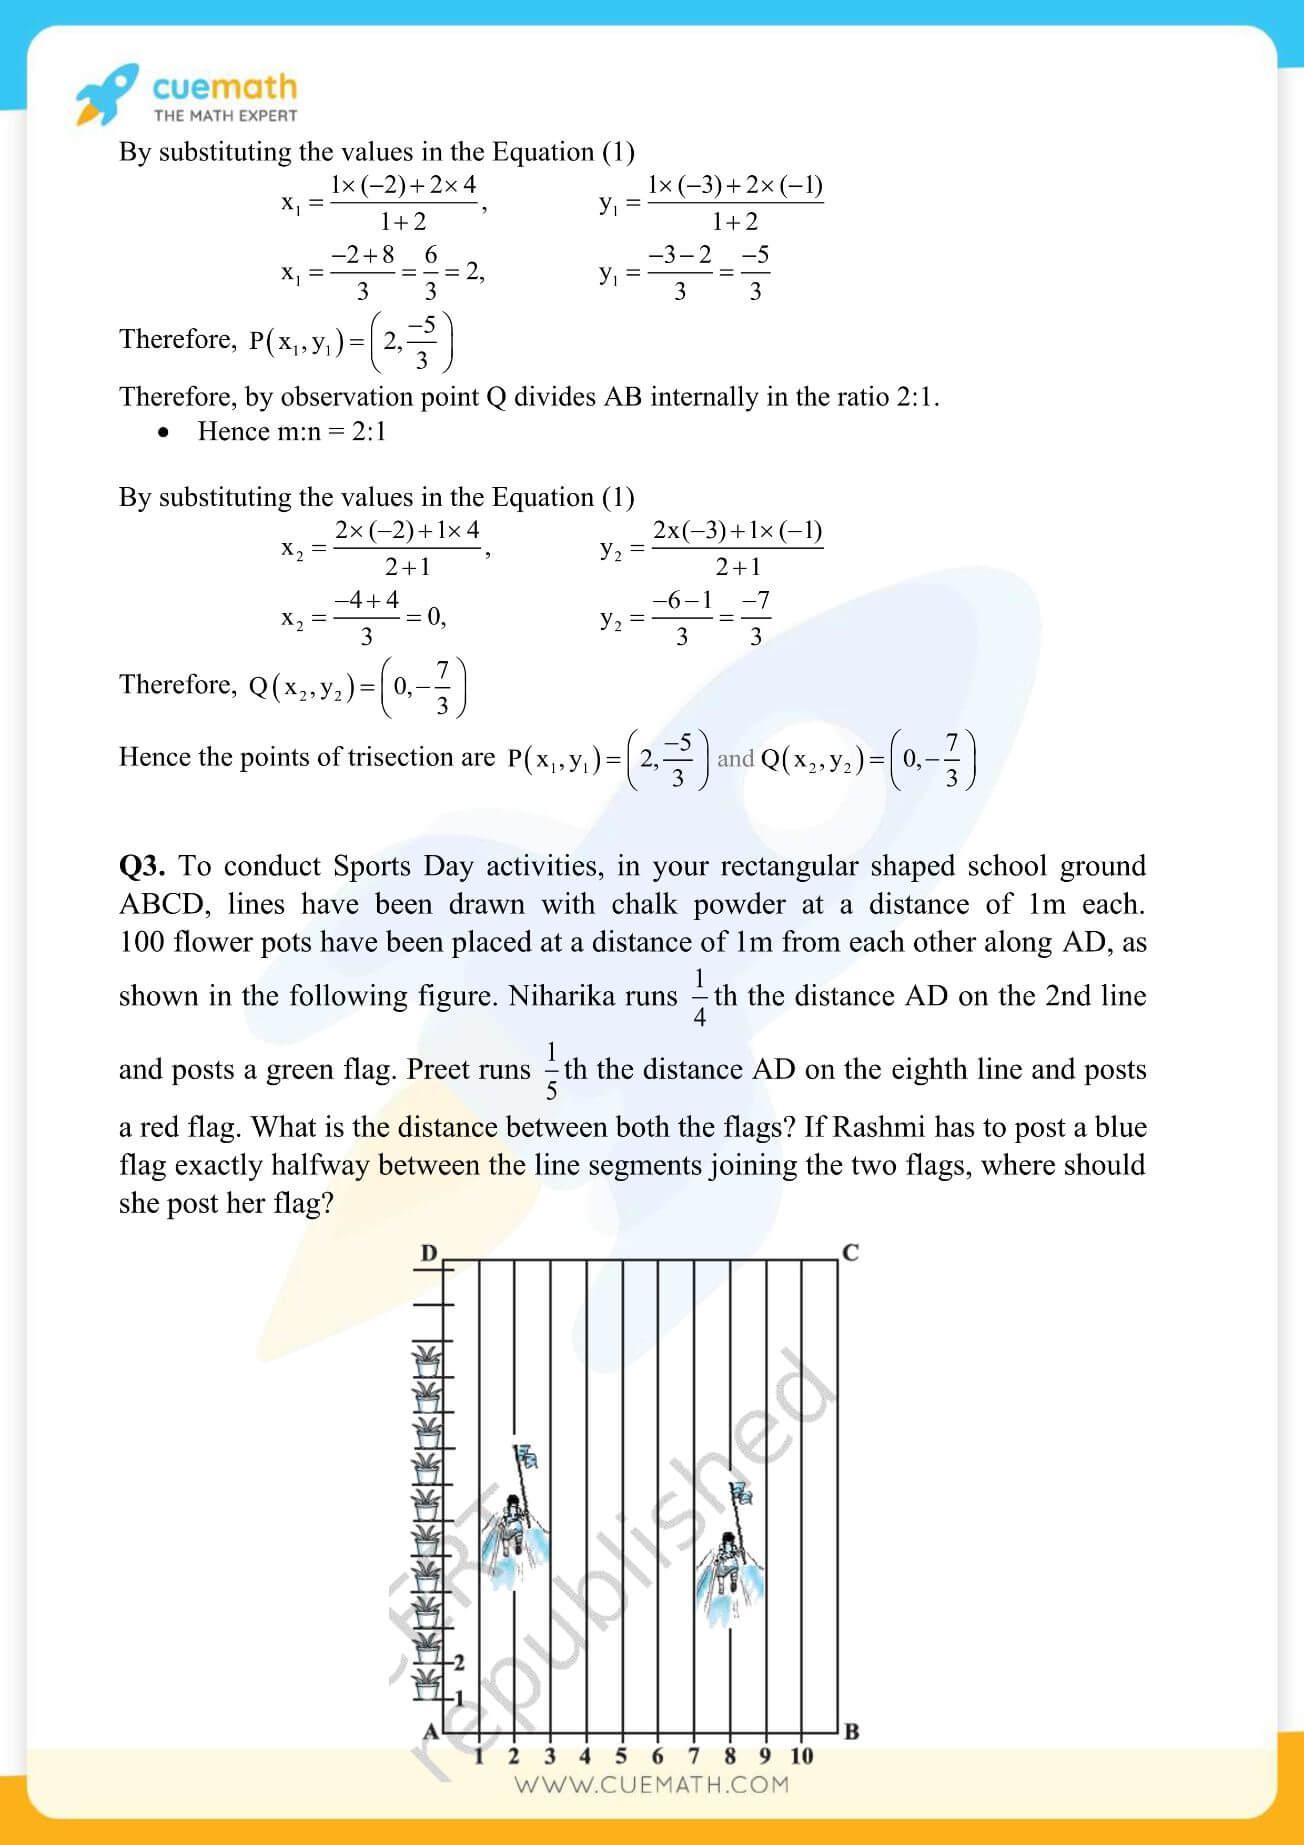 NCERT Solutions Class 10 Maths Chapter 7 Coordinate Geometry 23